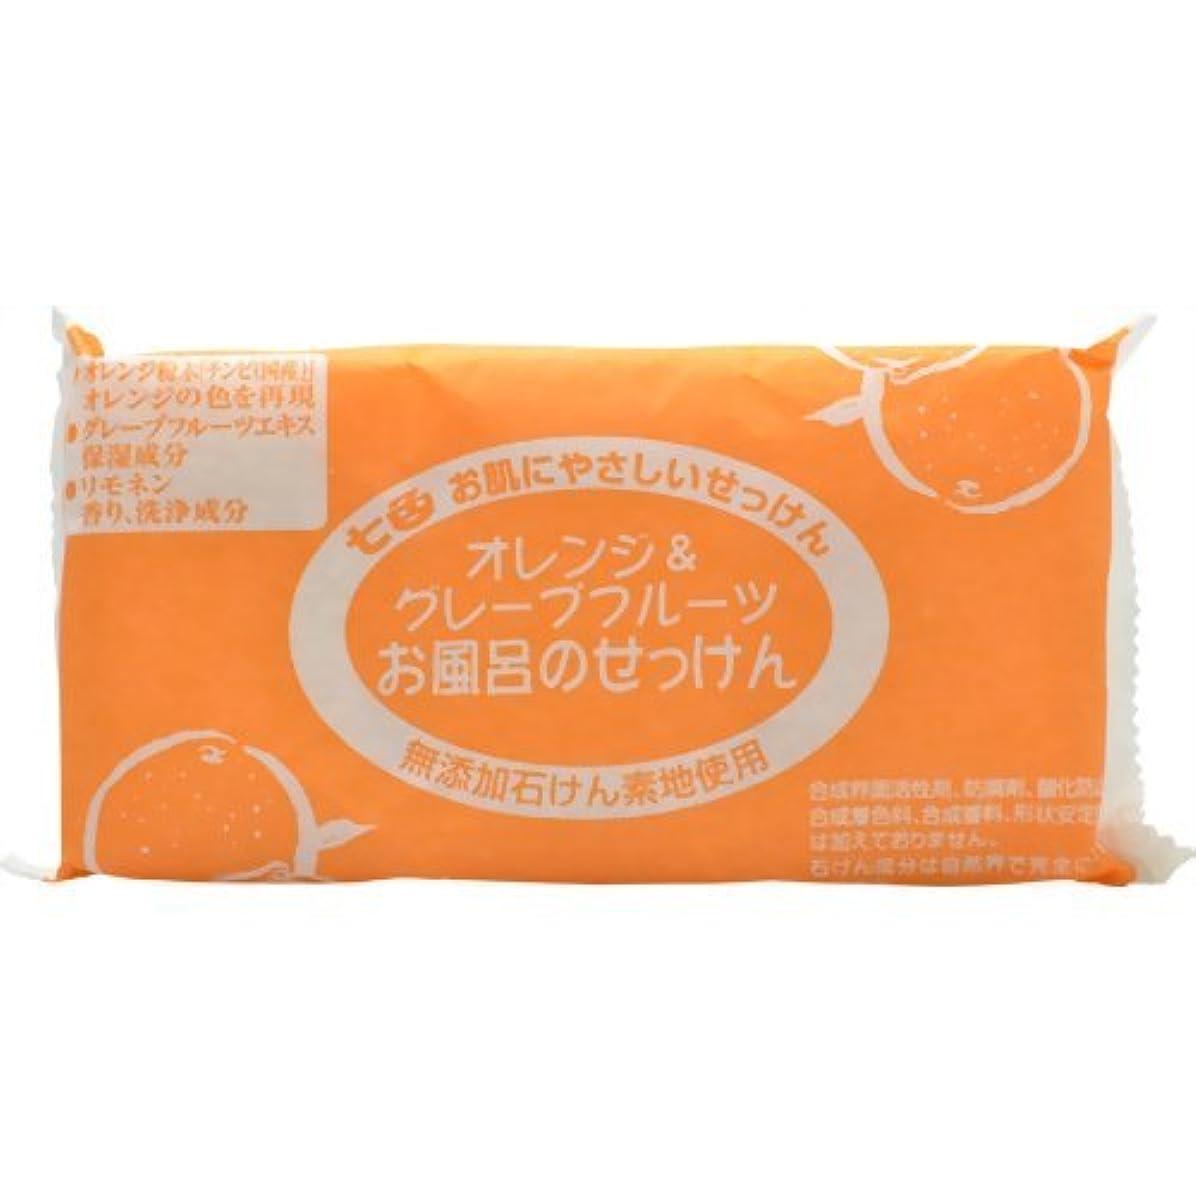 株式会社盆地とティームまるは オレンジ&グレープフルーツ お風呂の石鹸 3個入り